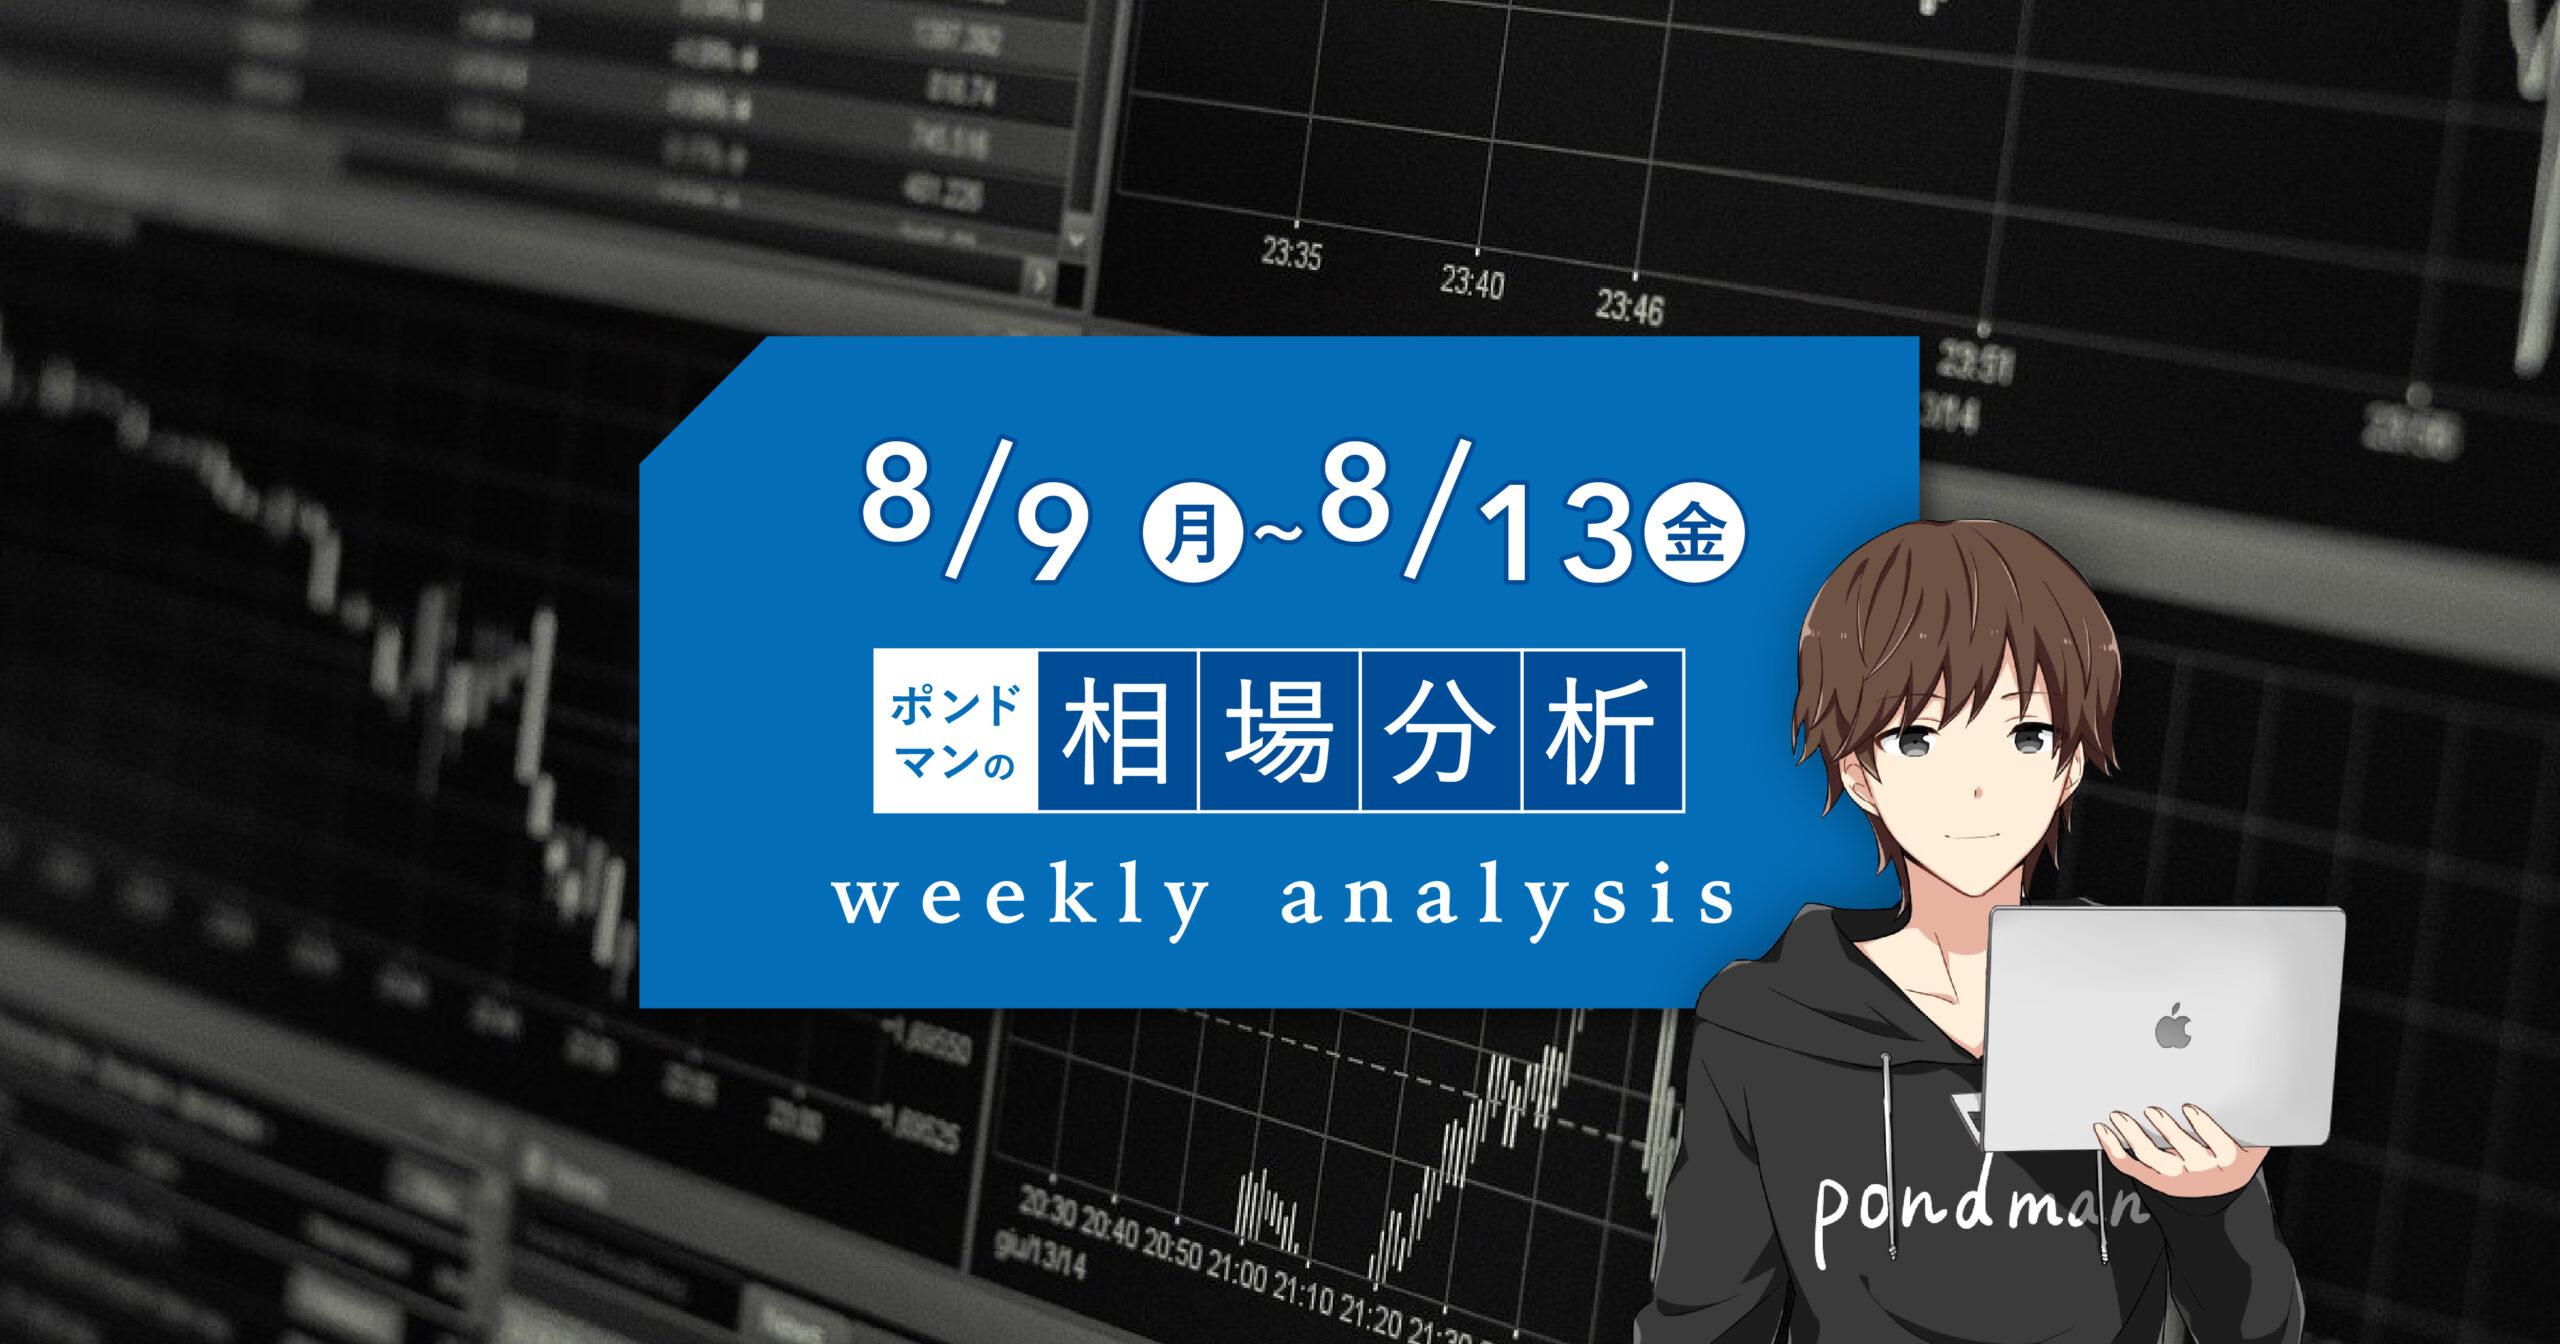 【8月9日~14日】ポンドマンの週間相場分析!リスクオフ材料複数あり?!